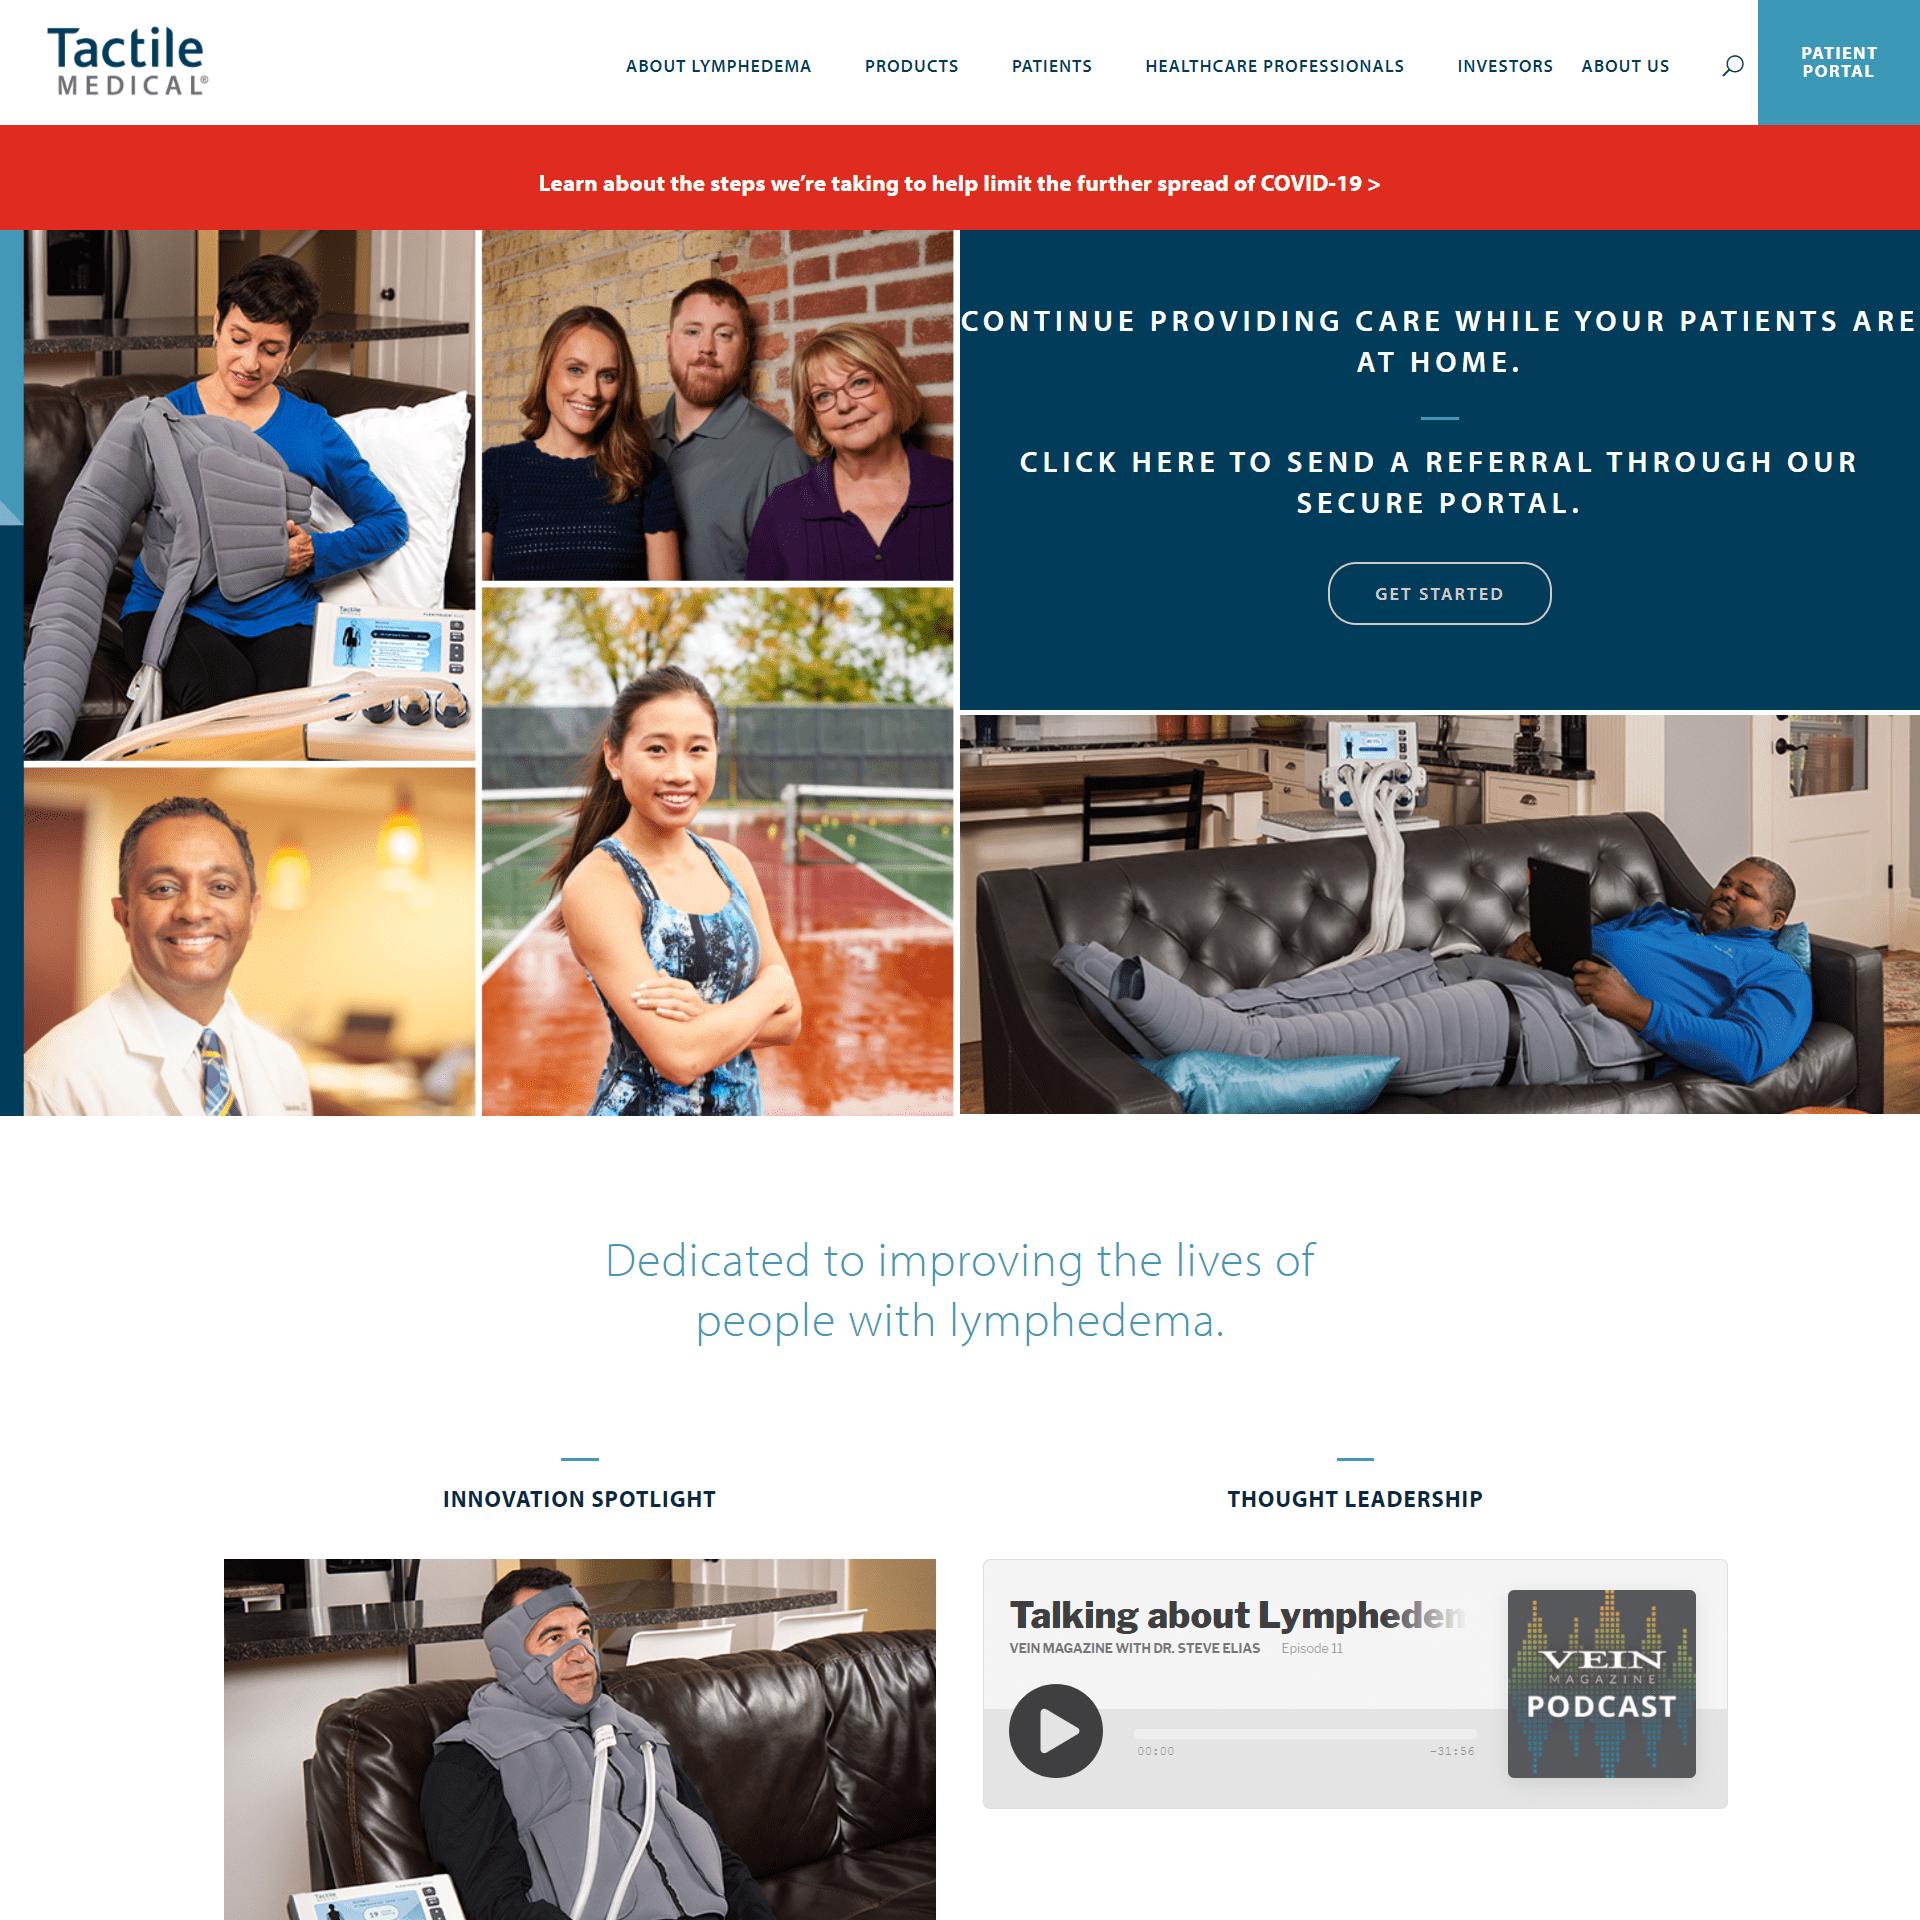 Tactile Medical Website